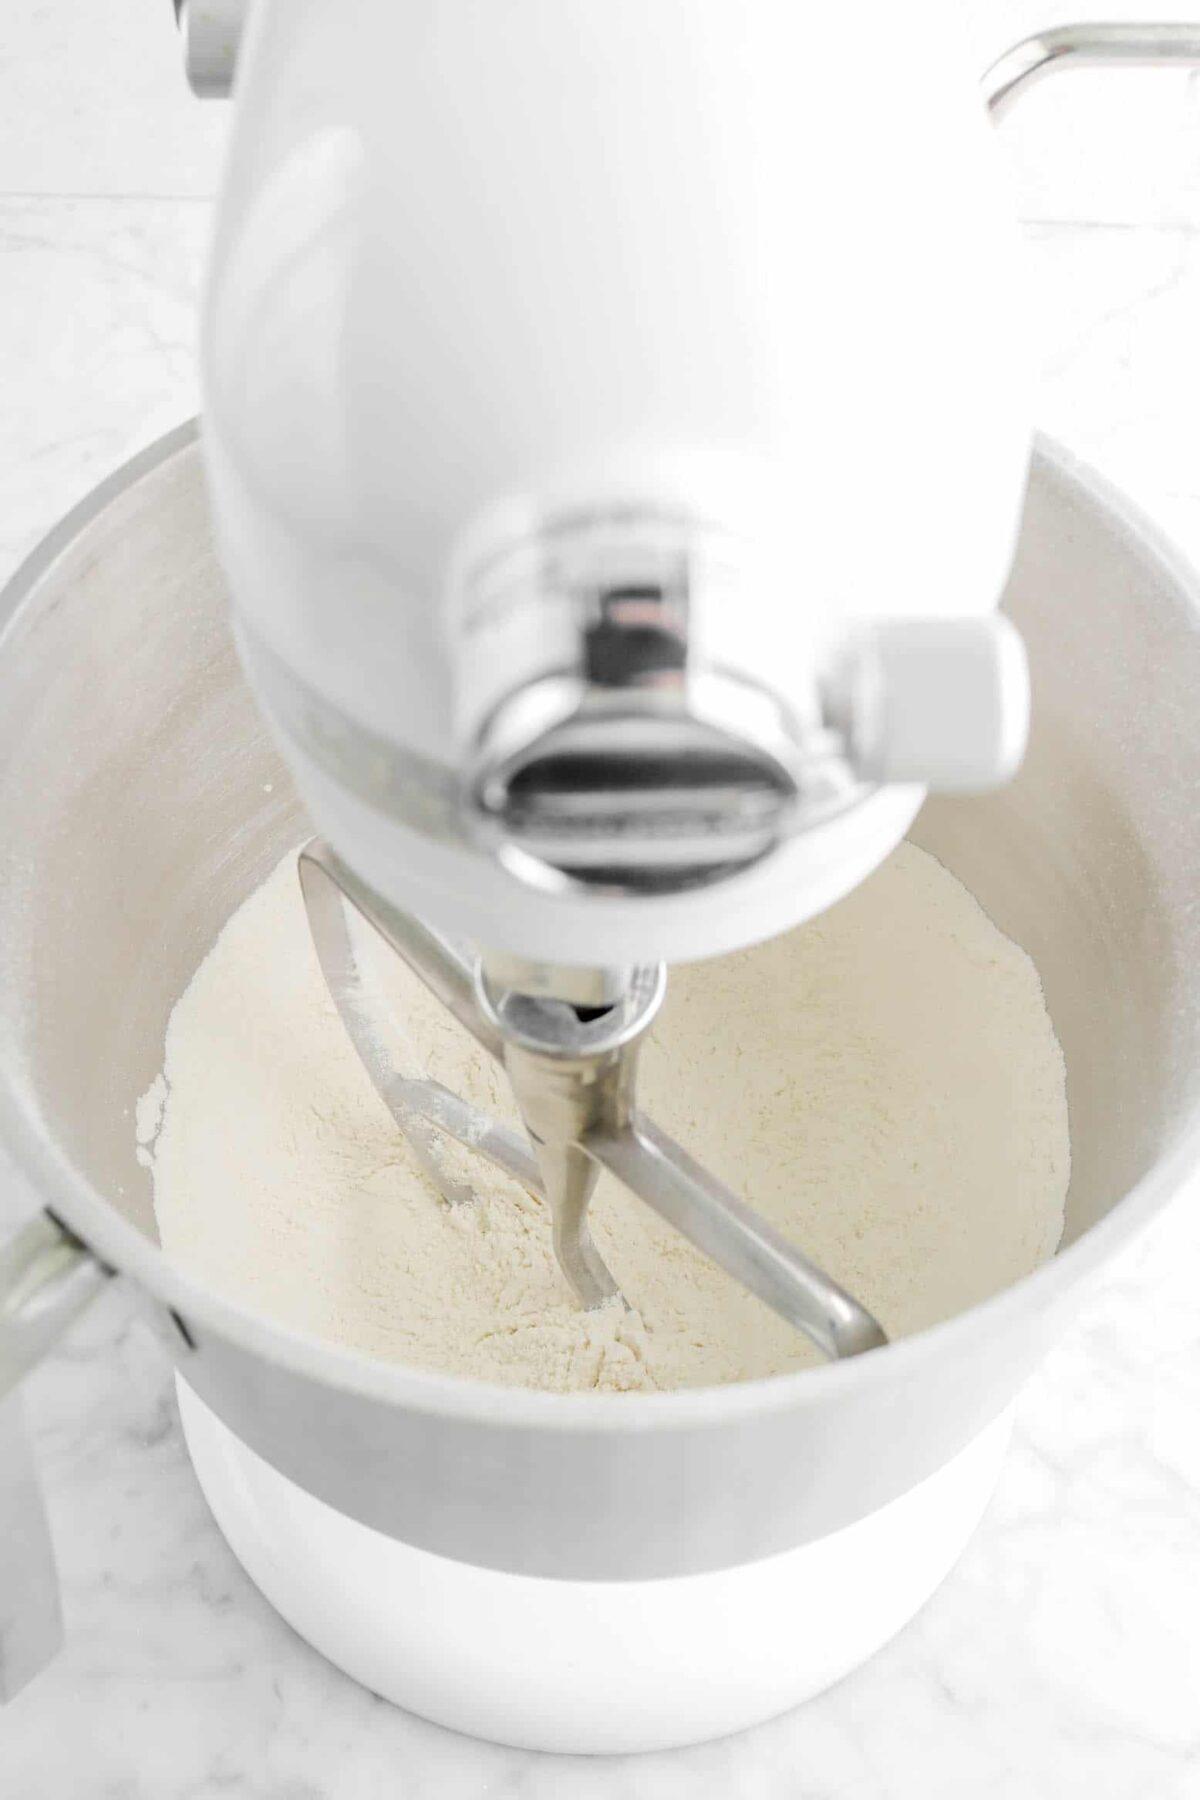 flour and sugar mixed